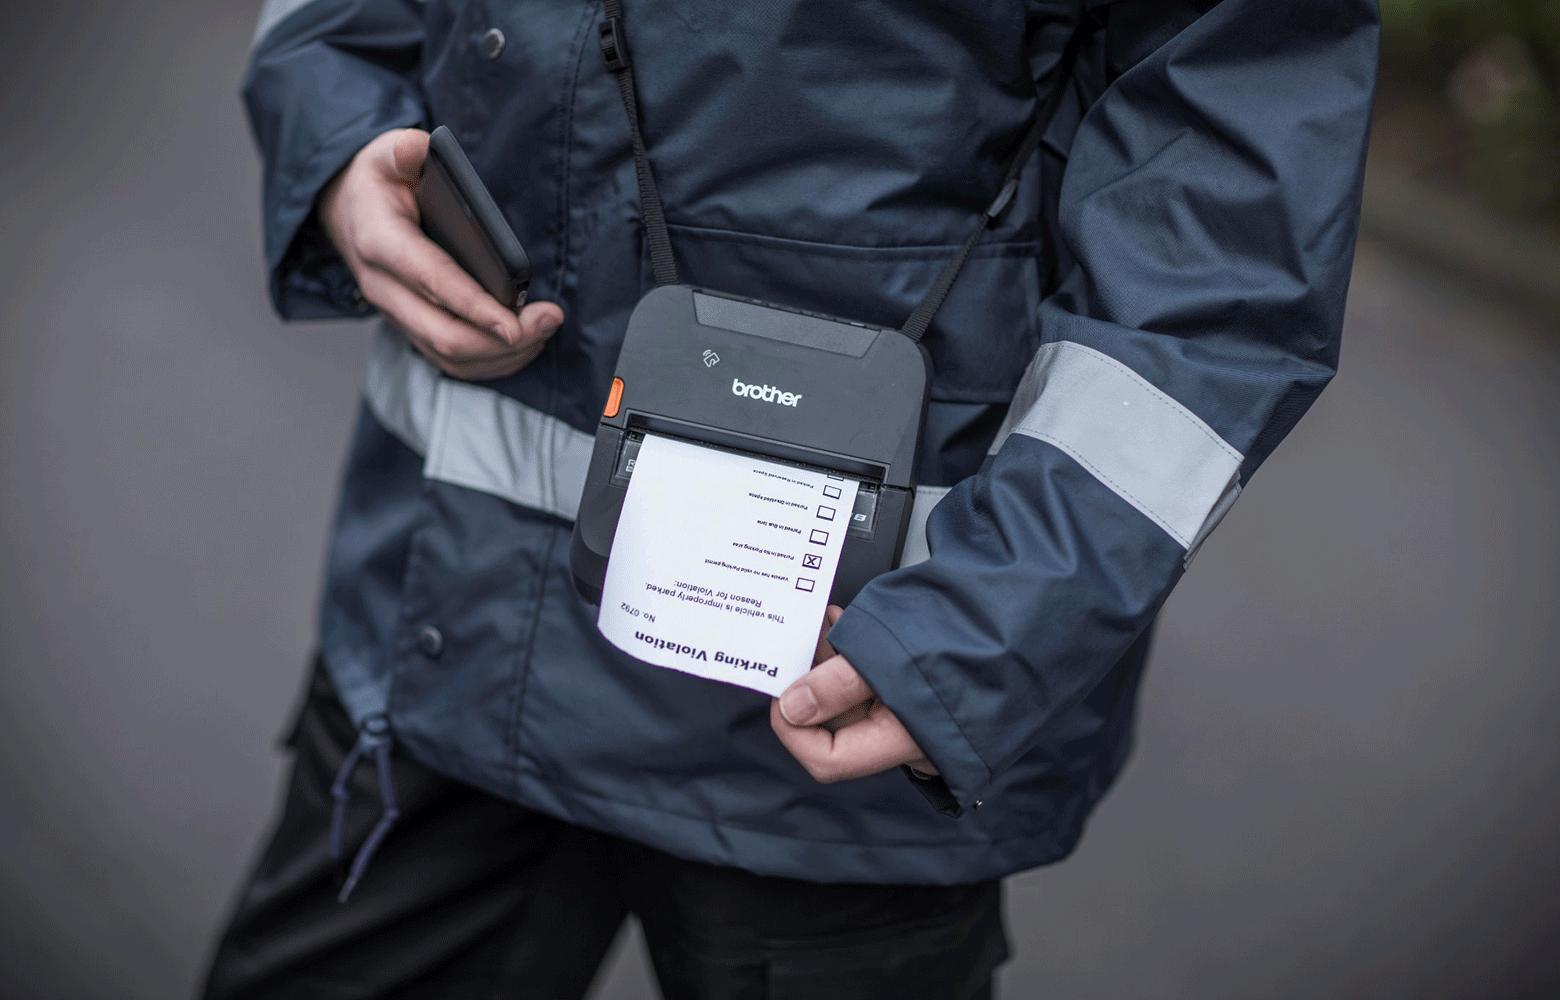 Pysäkönninvalvoja tulostaa sakkolappua Brotherin mobiilitulostimella